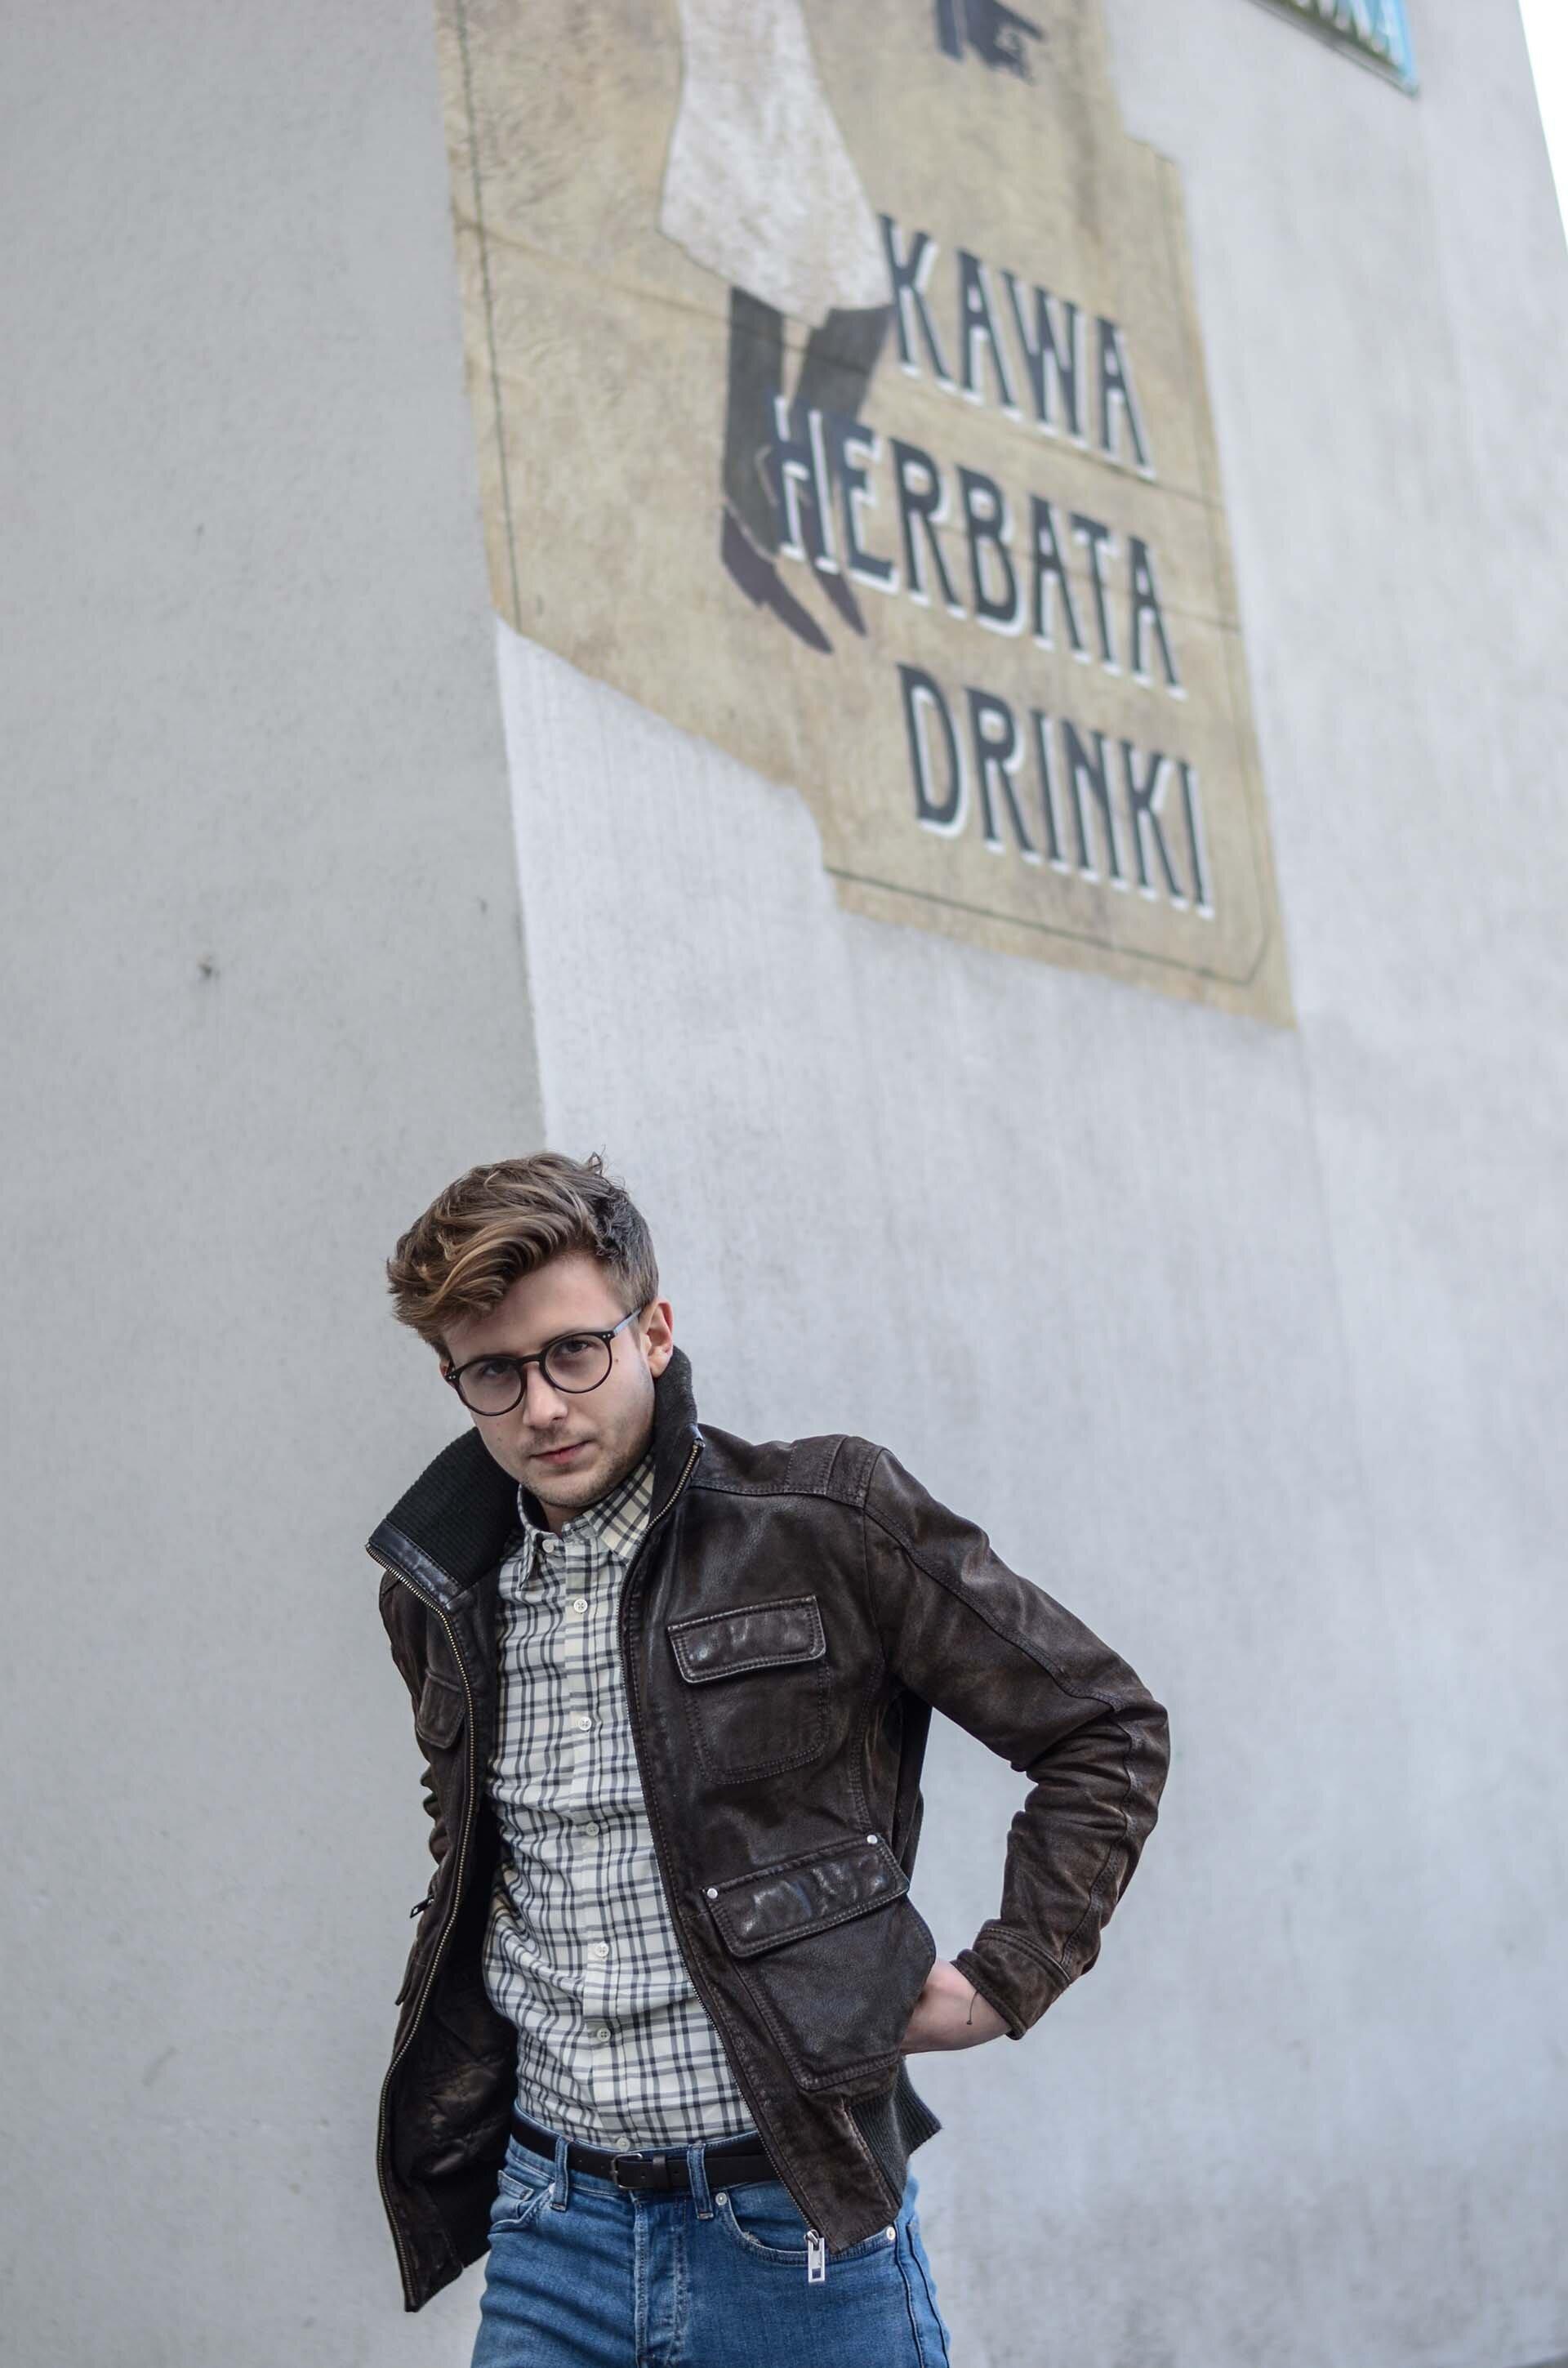 Koszula w kratę męska, Męskiej jeansy, Kurtka Zamszowa, Męskie fryzury, Męski styl, Blog o modzie męskie, GMALE